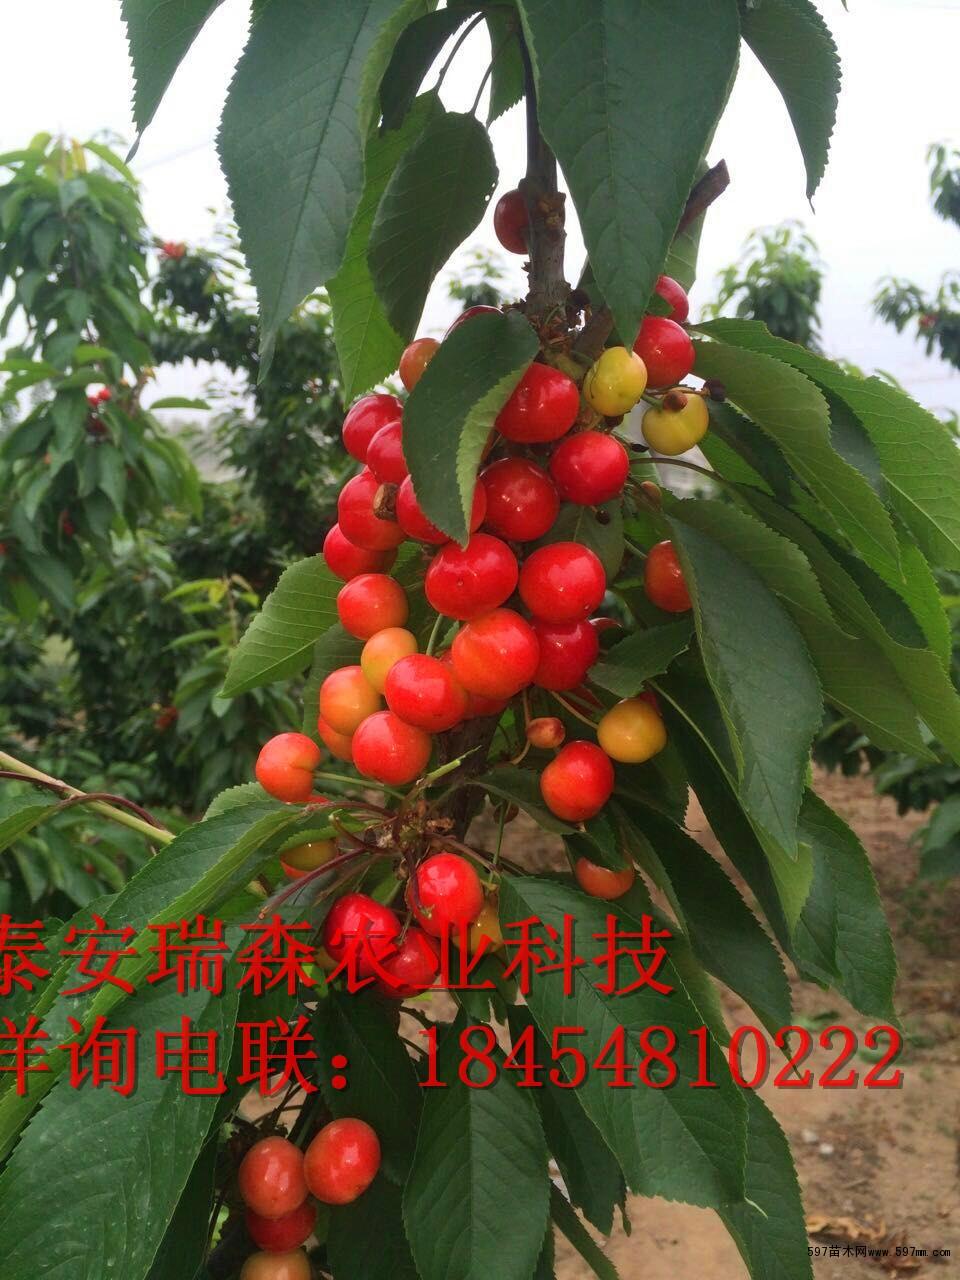 矮化美国大樱桃树苗批发樱桃树苗多少钱一棵图片